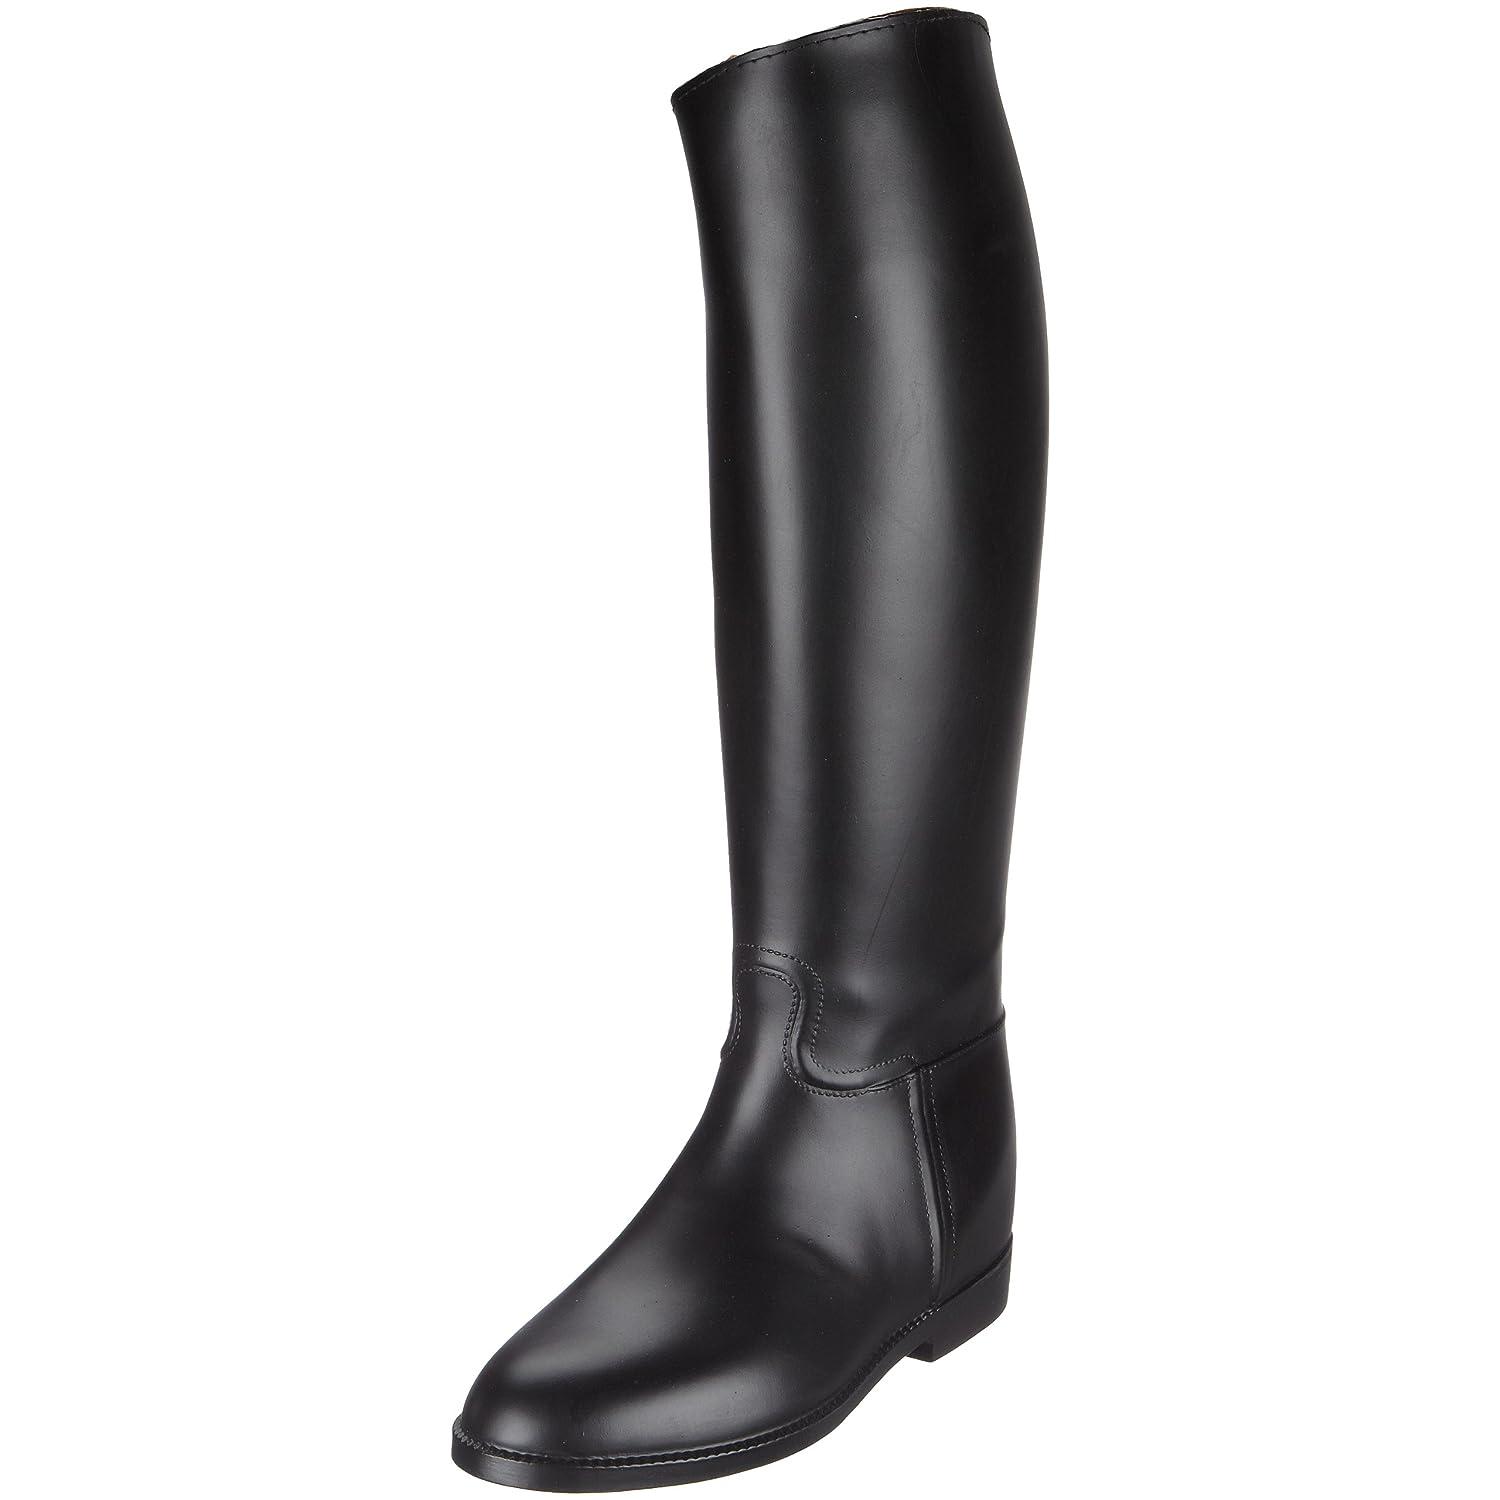 Aigle ECUYER XL, Bottines homme Bottines homme Noir - V.2 37 86729